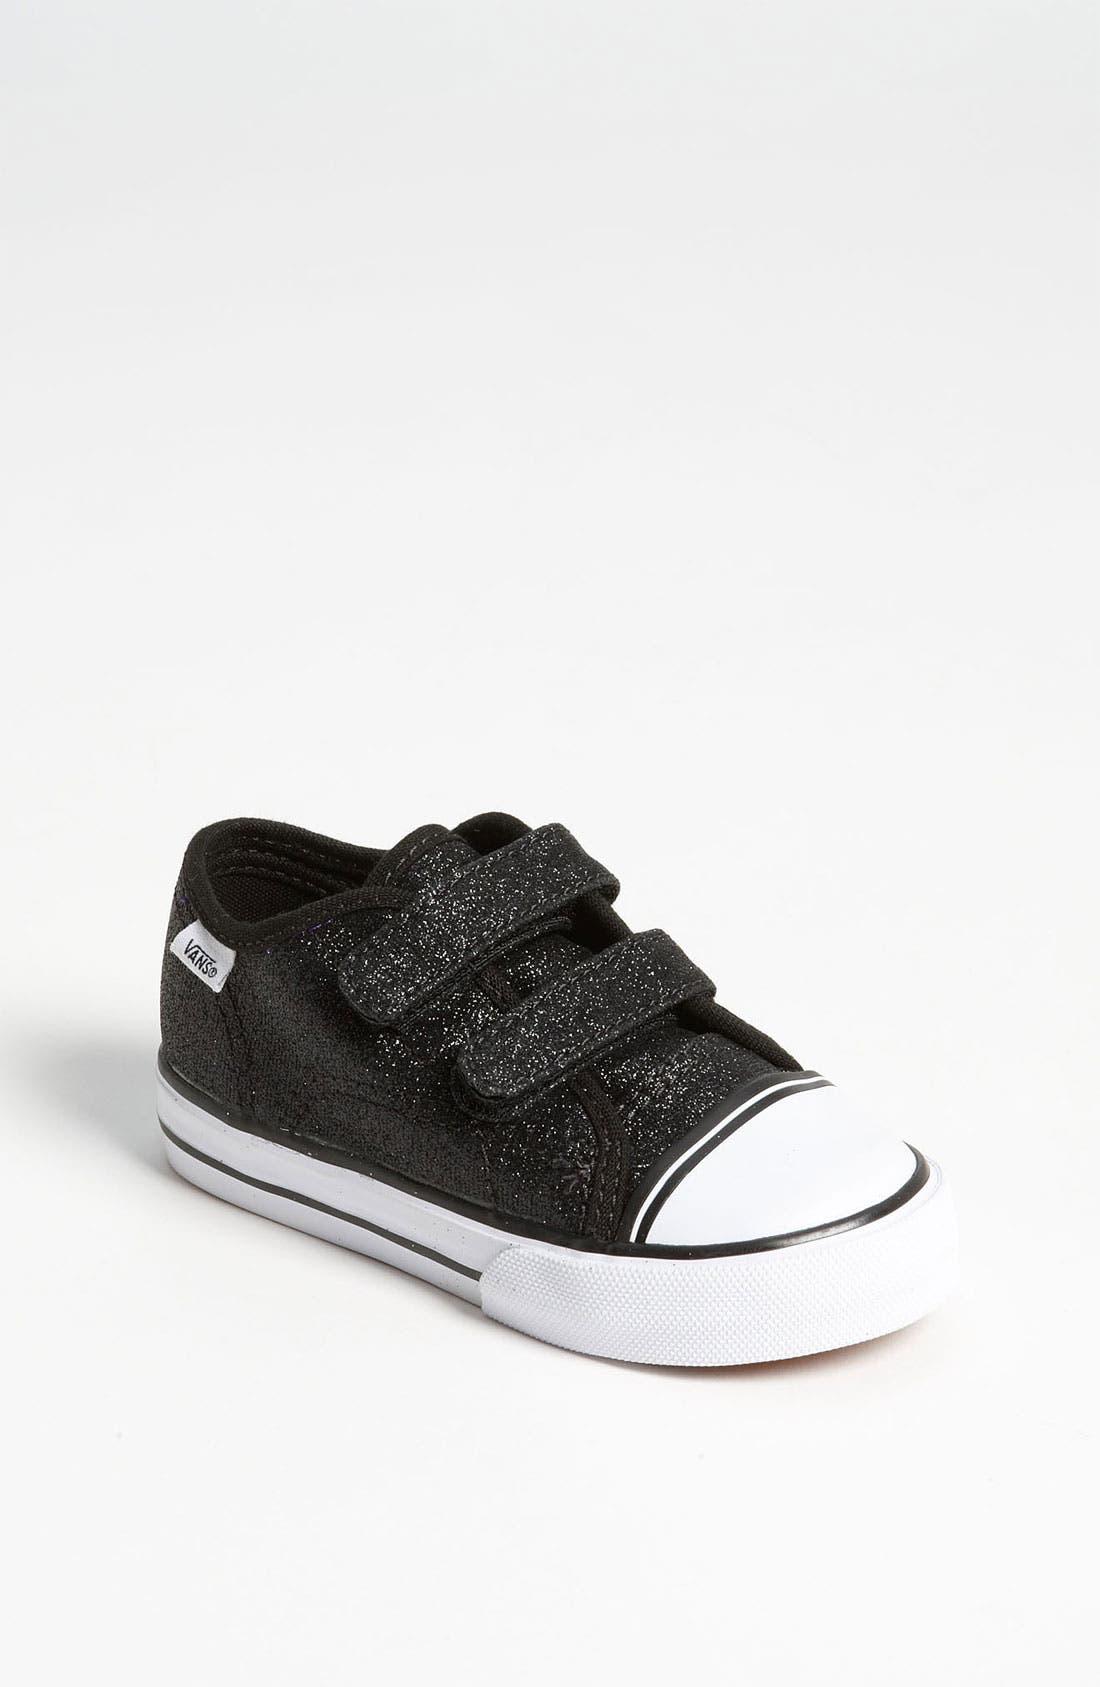 Main Image - Vans 'Big School' Sneaker (Baby, Walker & Toddler)